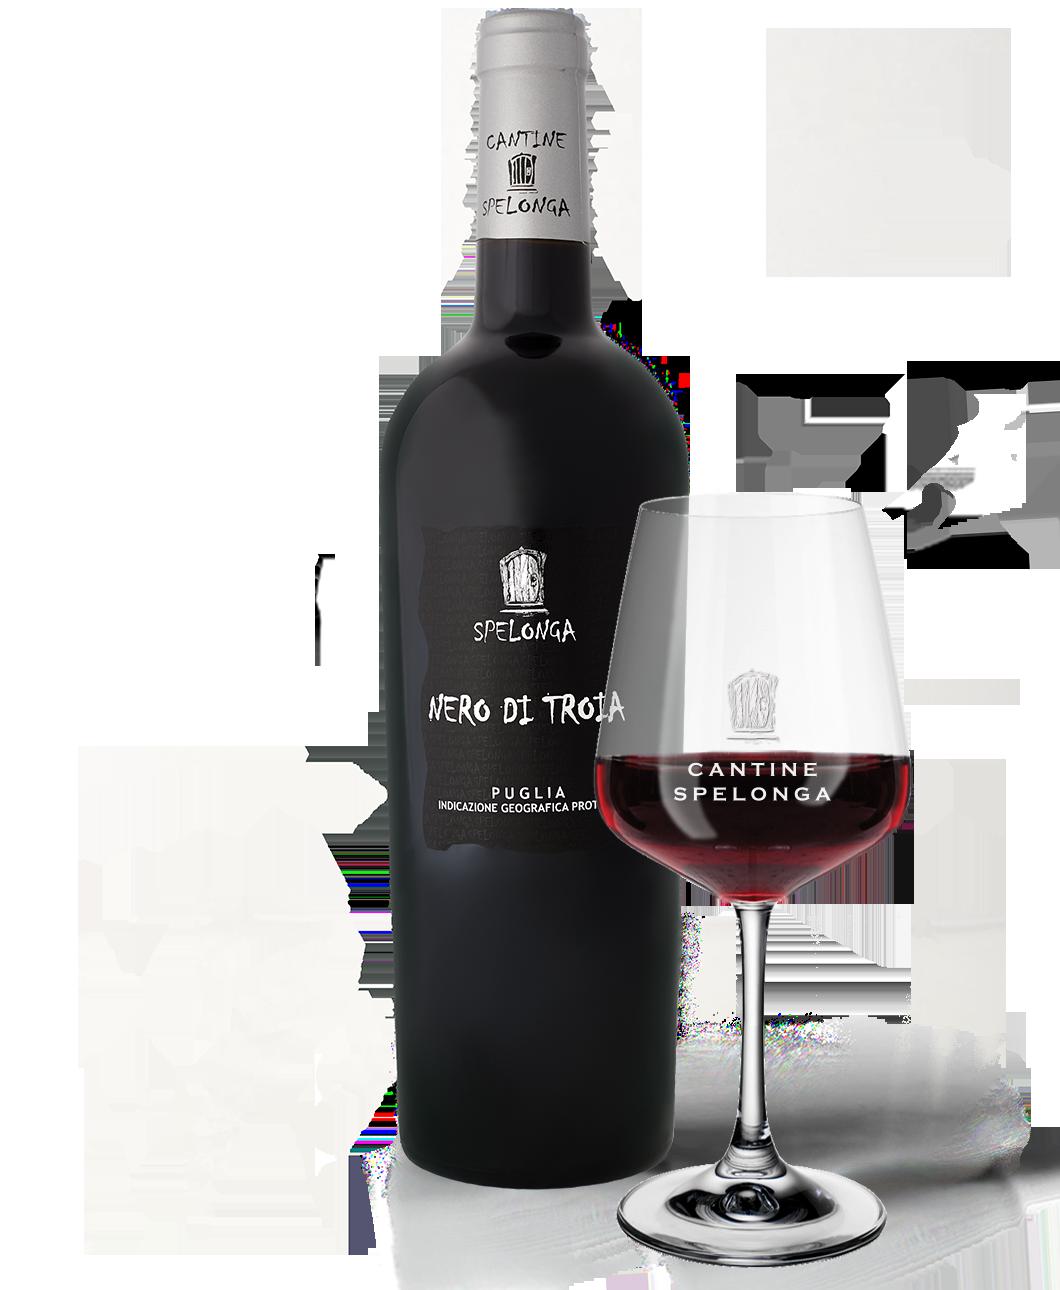 Bottiglia e calice di vino Nero di troia di Cantine Spelonga